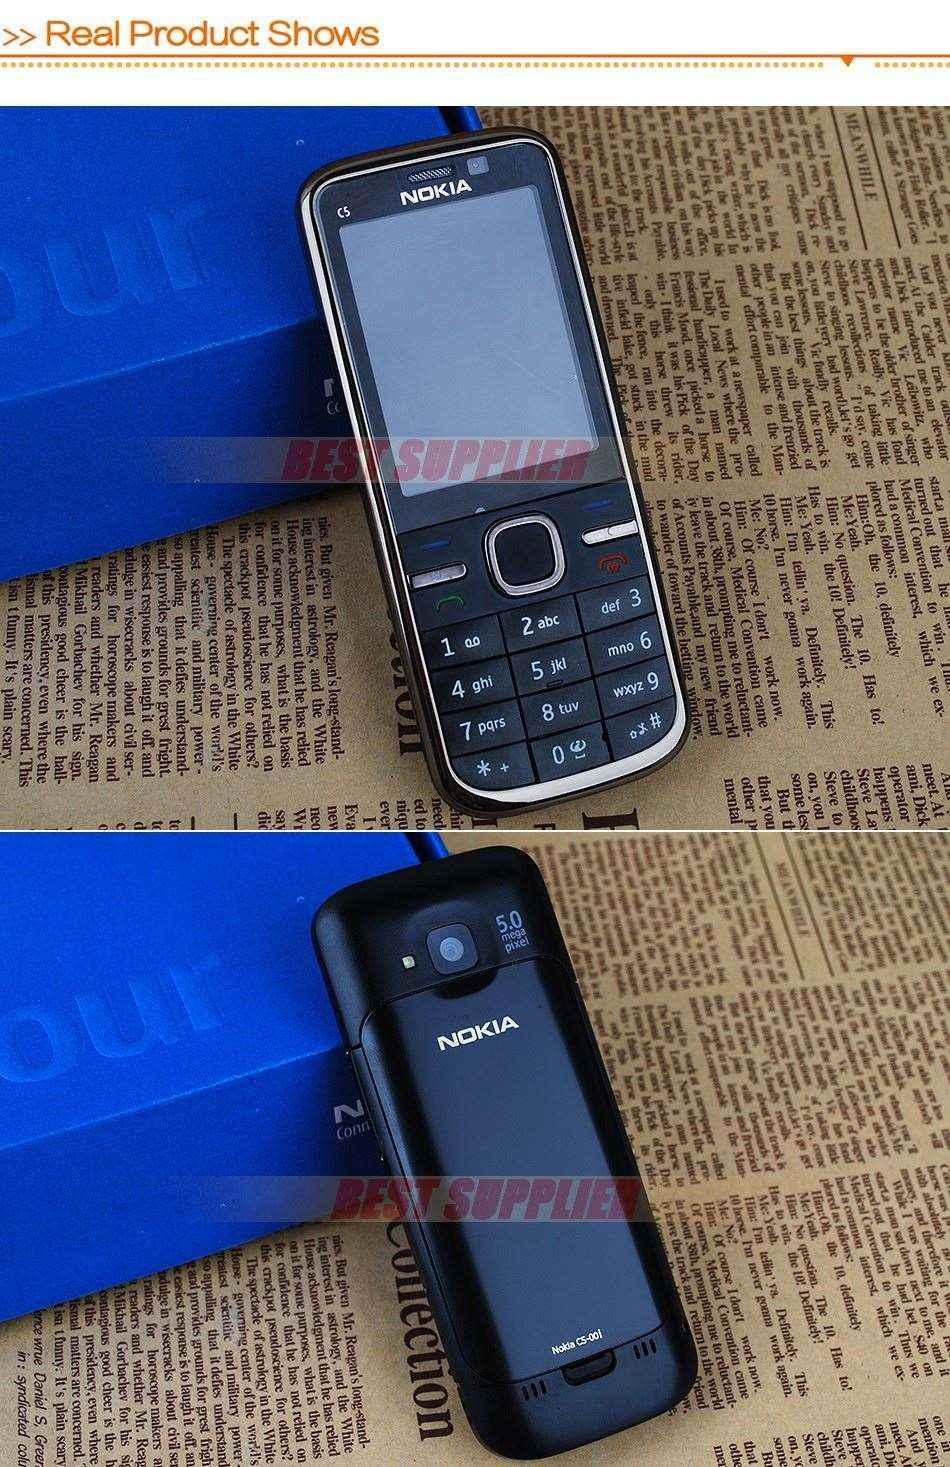 Nokia-C5-00_04